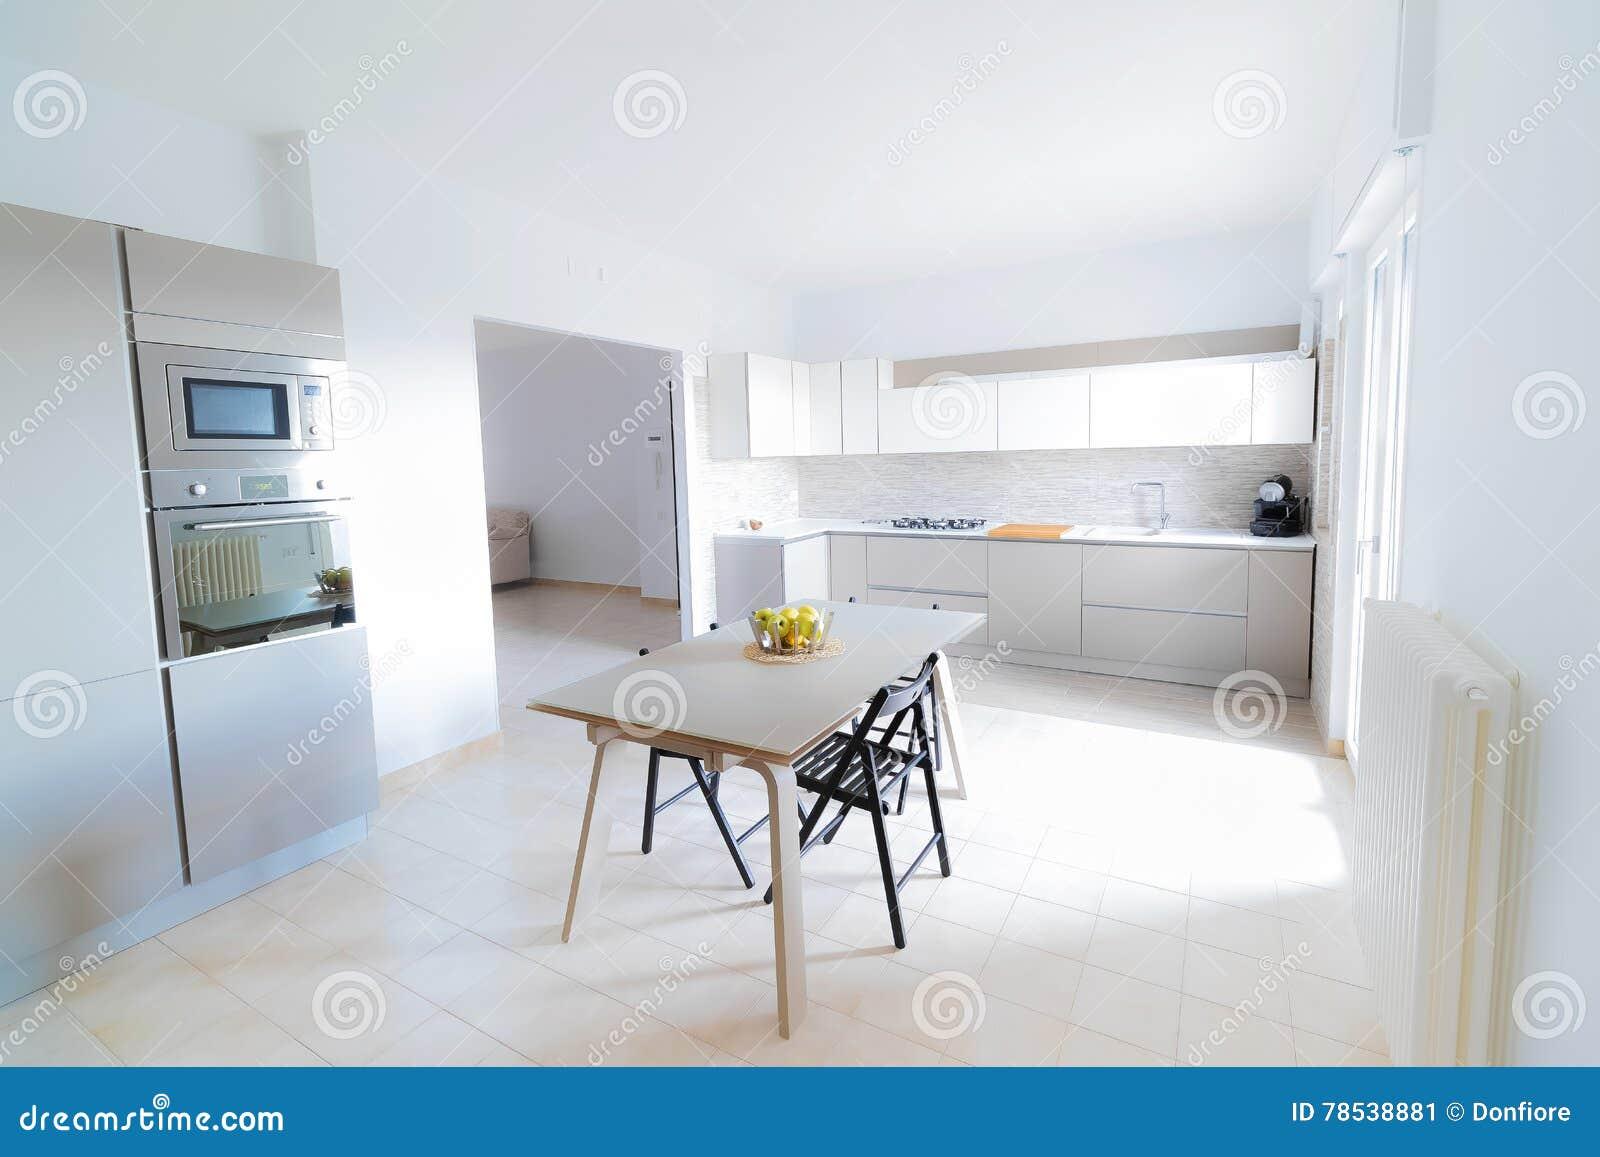 Interior moderno, brillante, limpio, de la cocina con los dispositivos del acero inoxidable y manzana del friut en la tabla en un